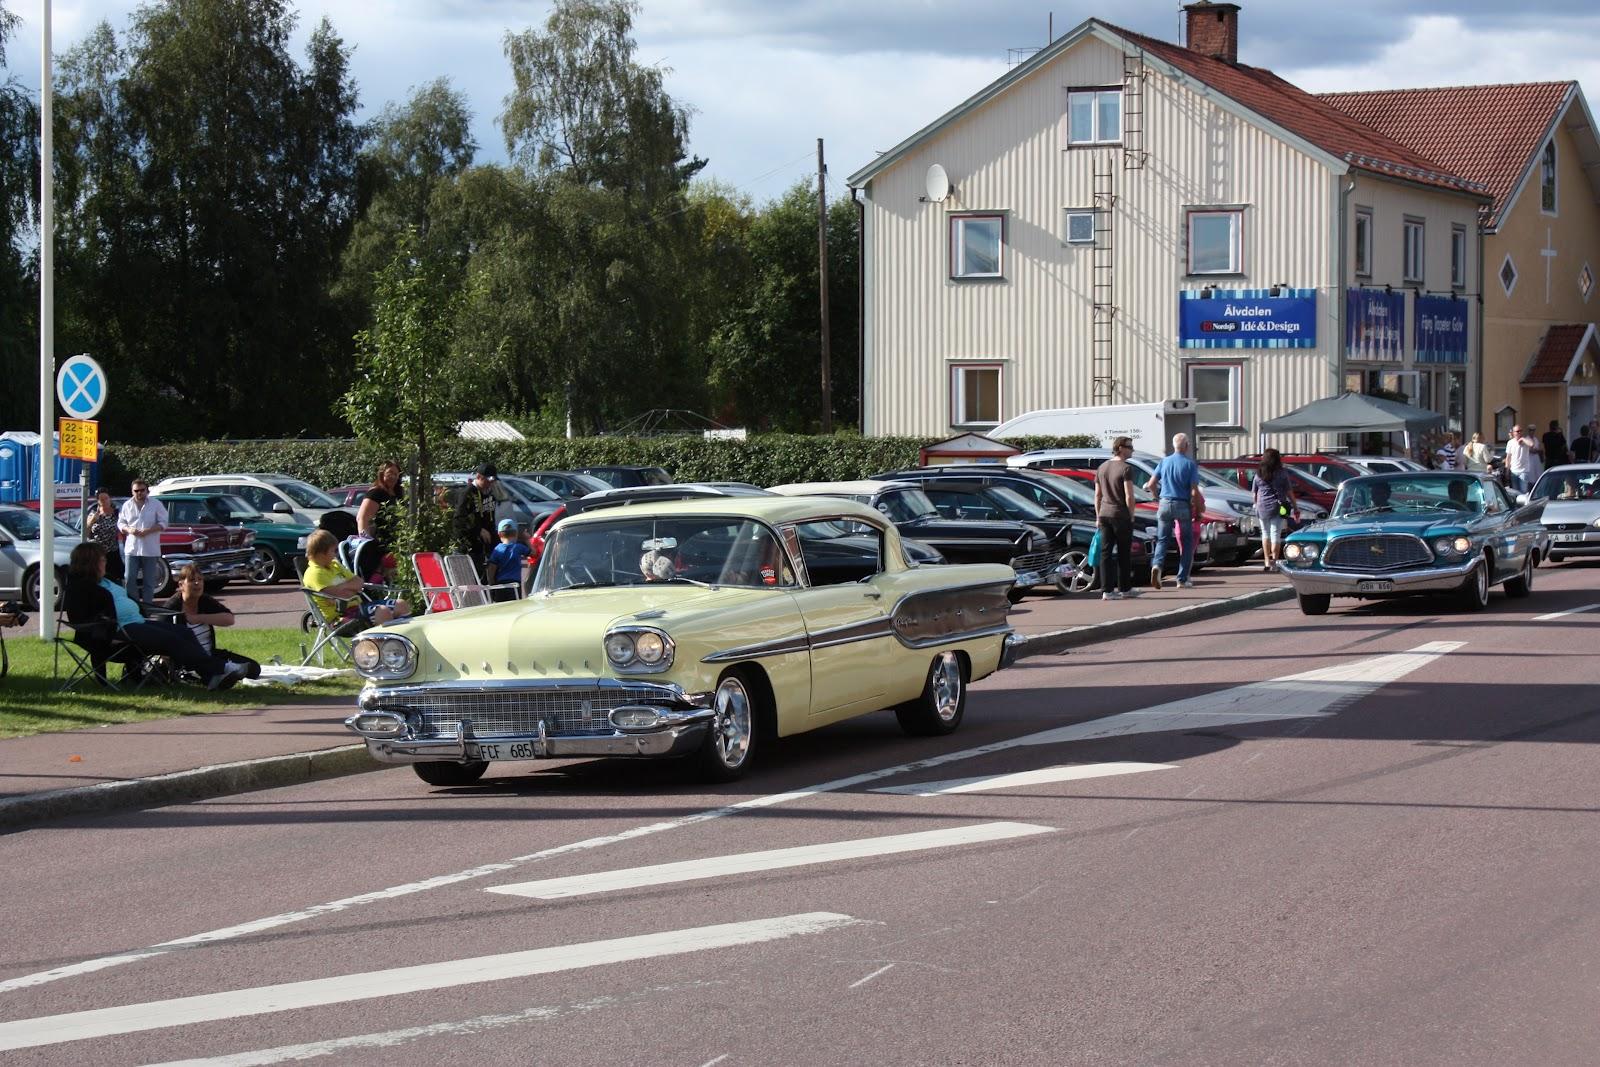 älvdalens Näringslivskontors Blogg Musik Motorfestivalen